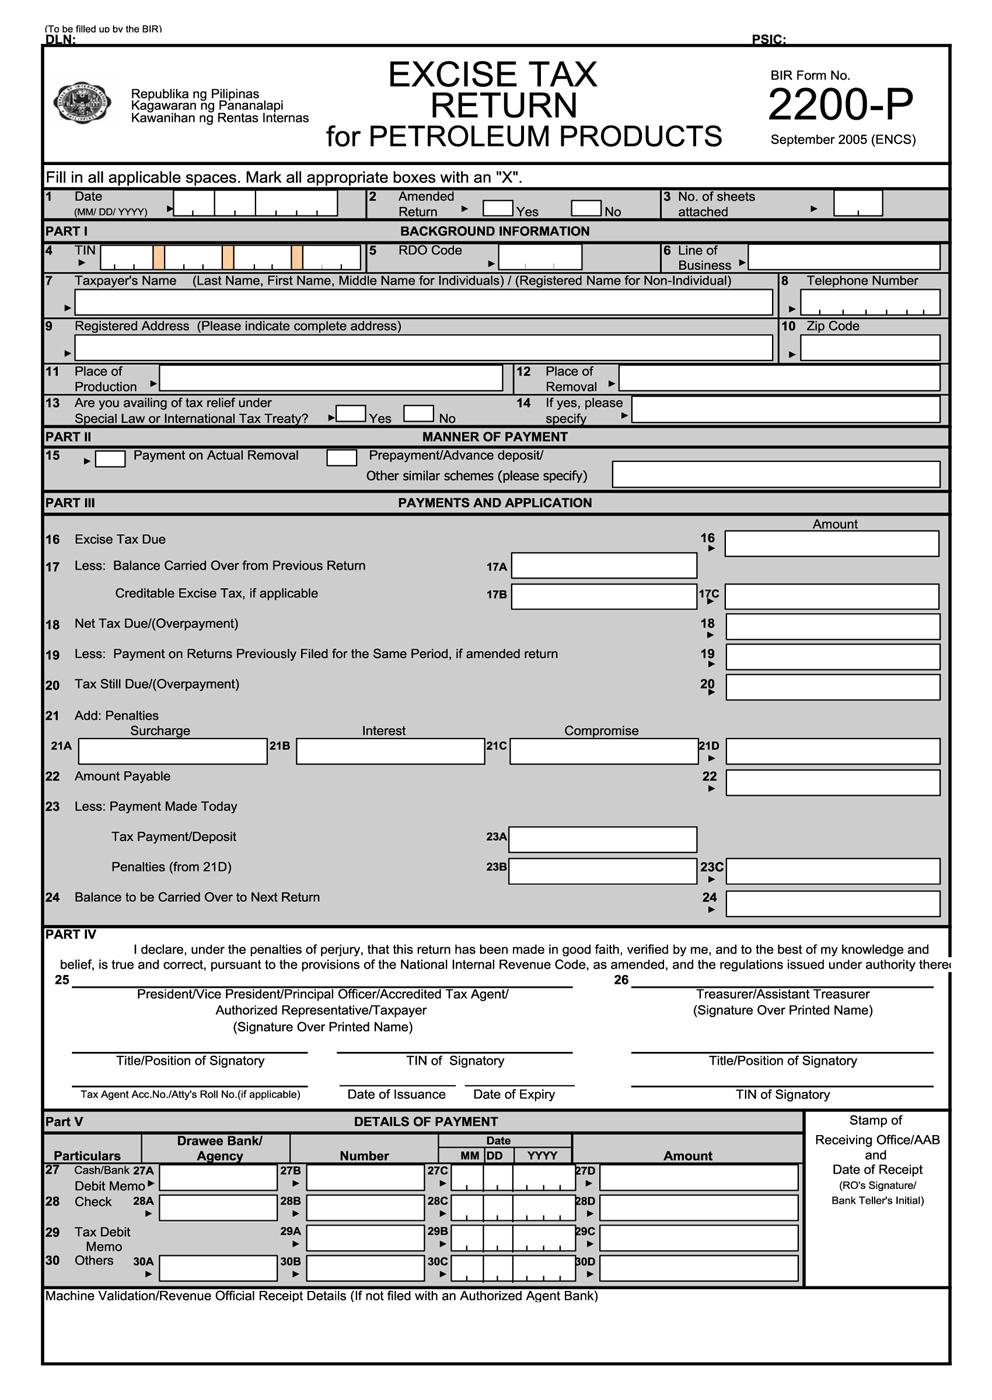 busapcom: BIR Form 2200-P Download